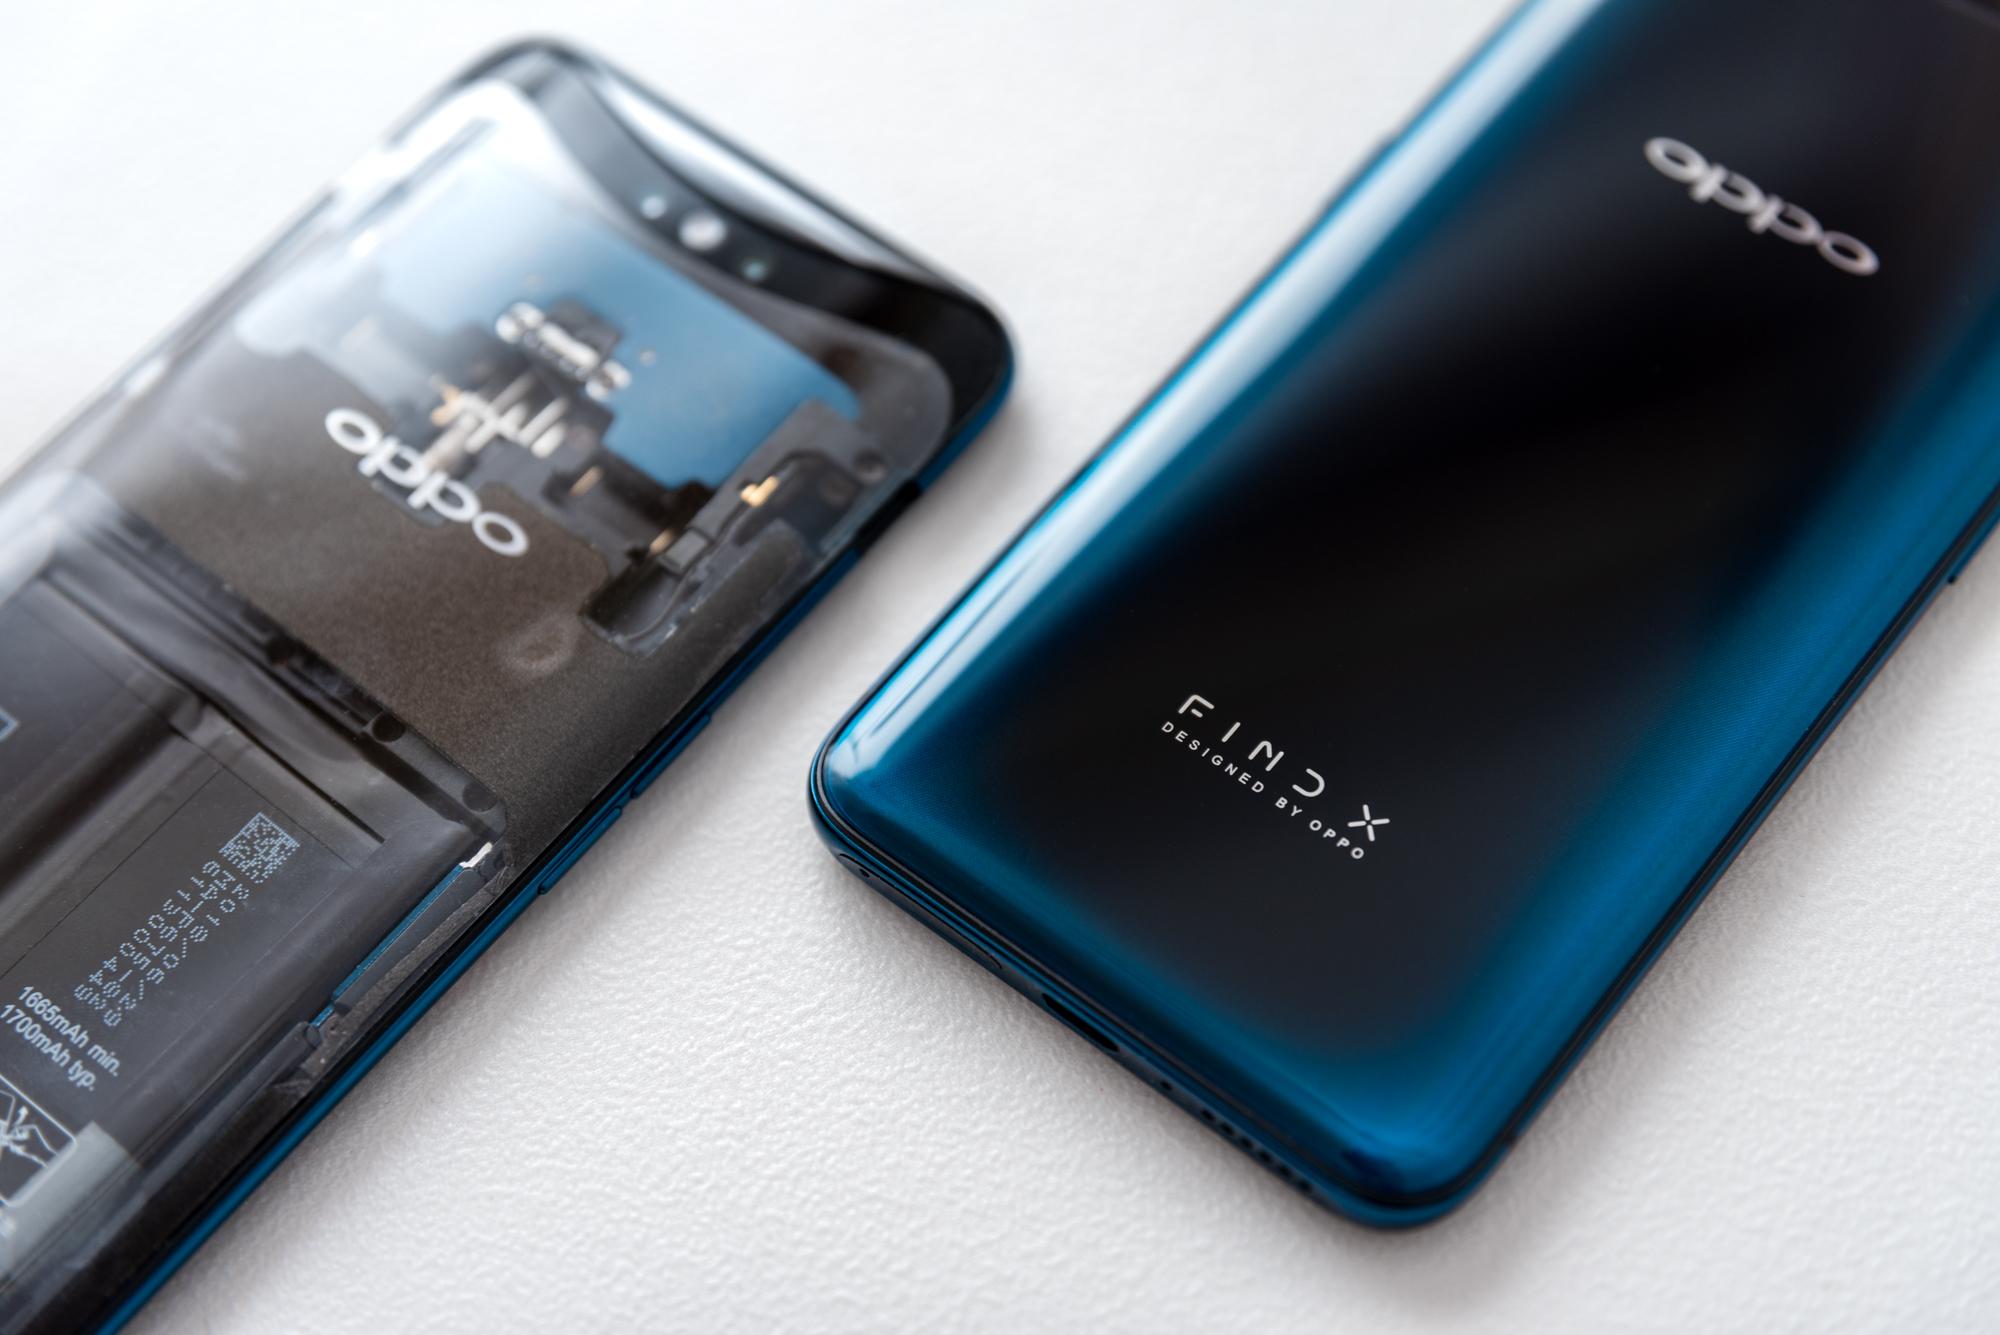 Ponsel Premium Oppo Belum Pasti Masuk Indonesia